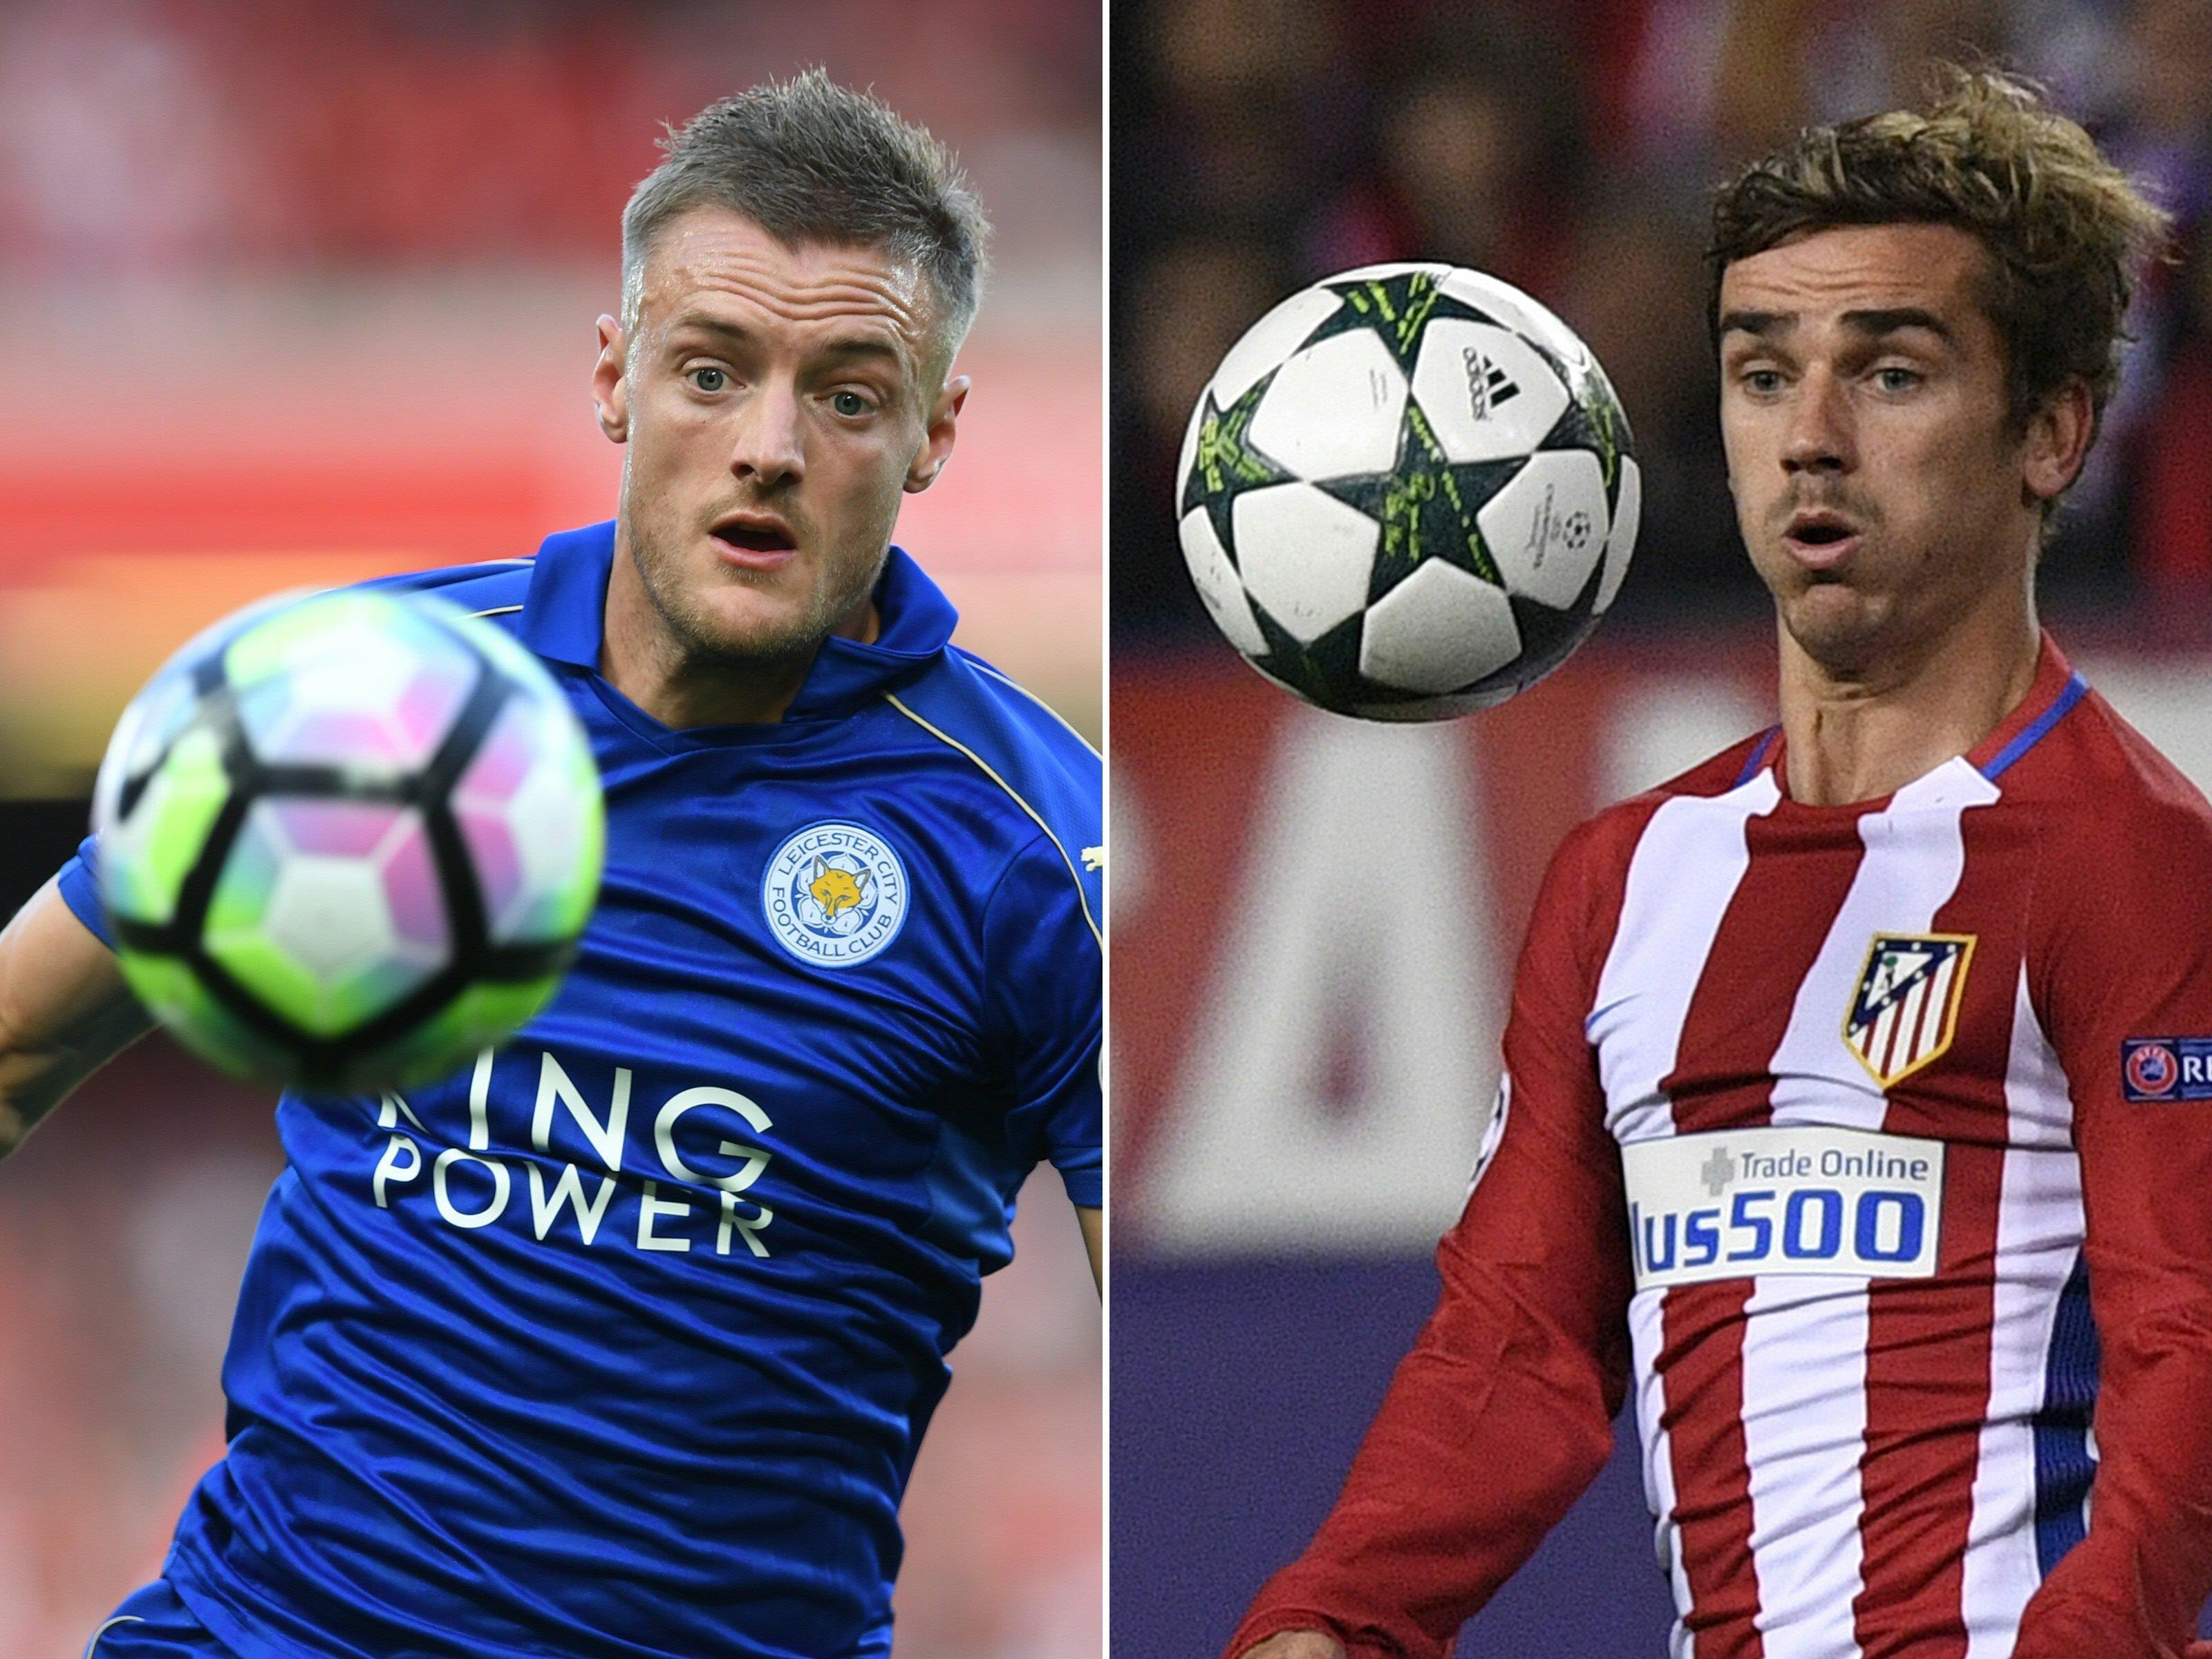 Atlético Madrid empfängt den amtierenden englischen Meister Leicester City im Viertelfinal-Hinspiel der Champions League.